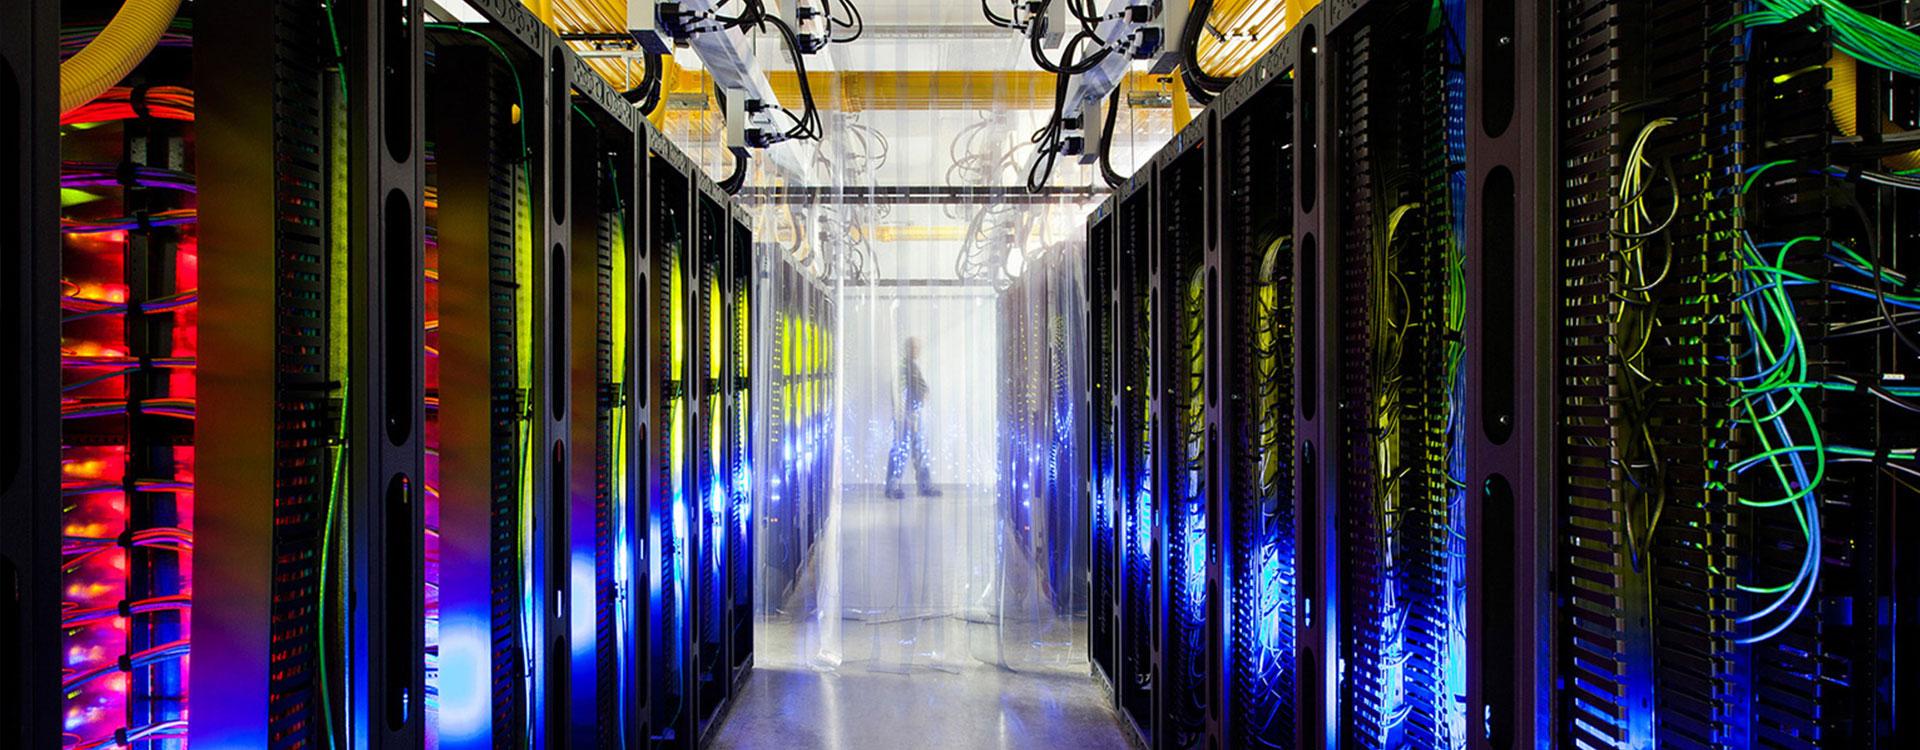 Almana Computer Services